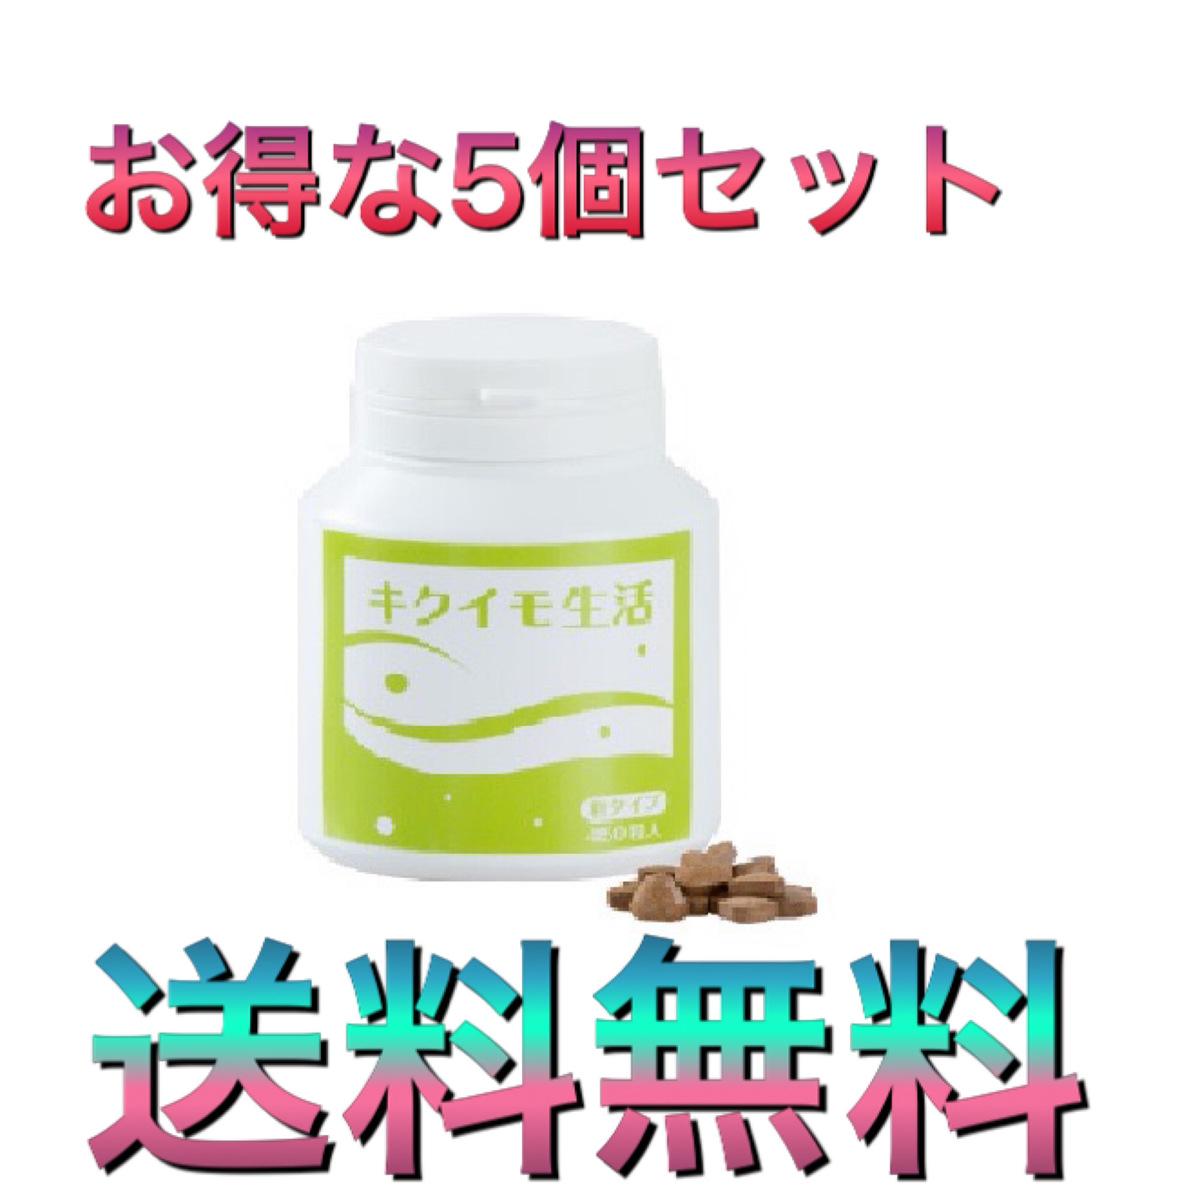 キクイモ生活 (粒タイプ) 菊芋の精 粒タイプがリニューアル!5個セット